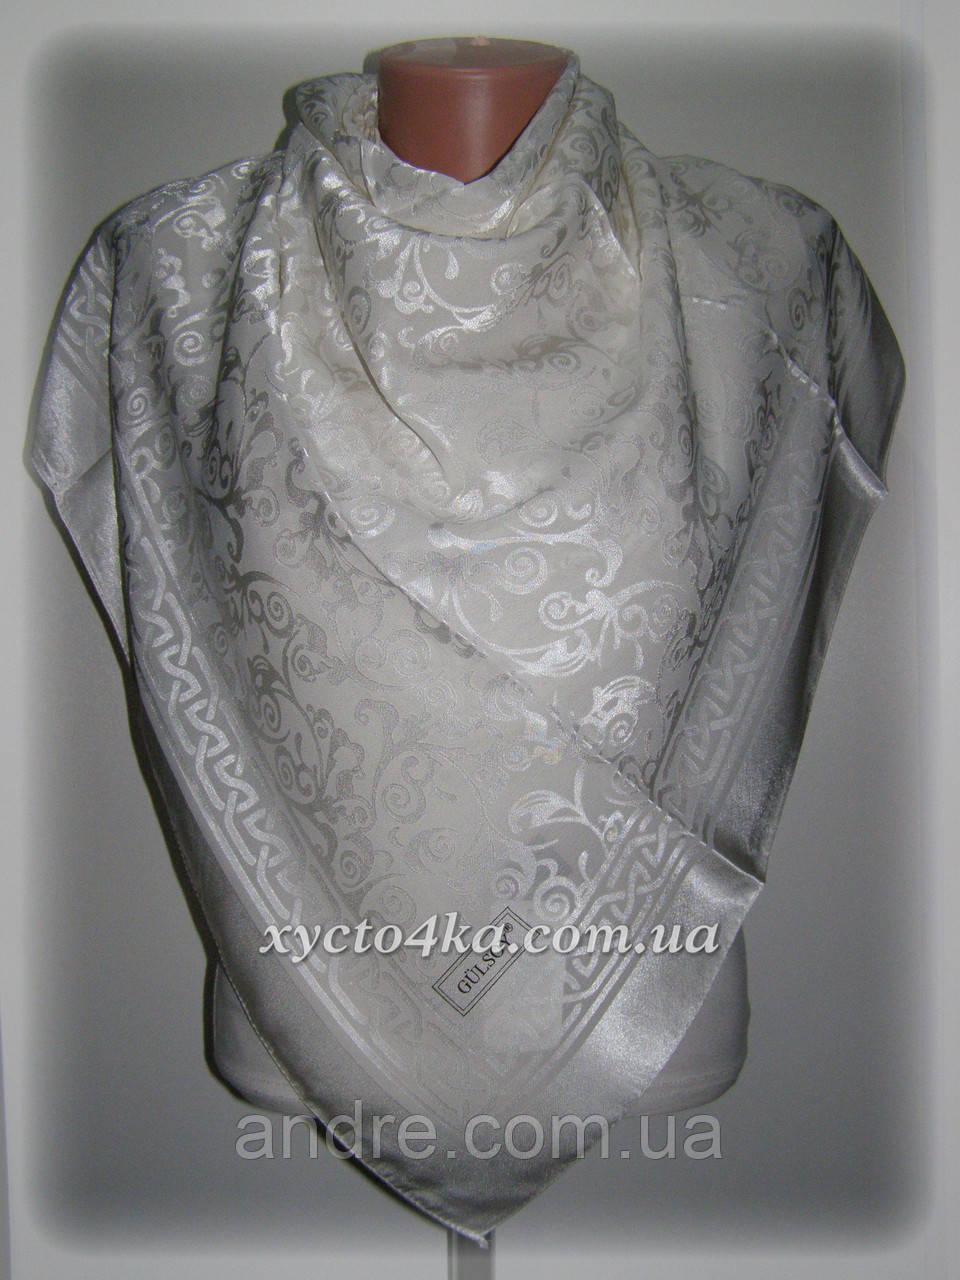 Шелковый платок Афродита, белый или айвори